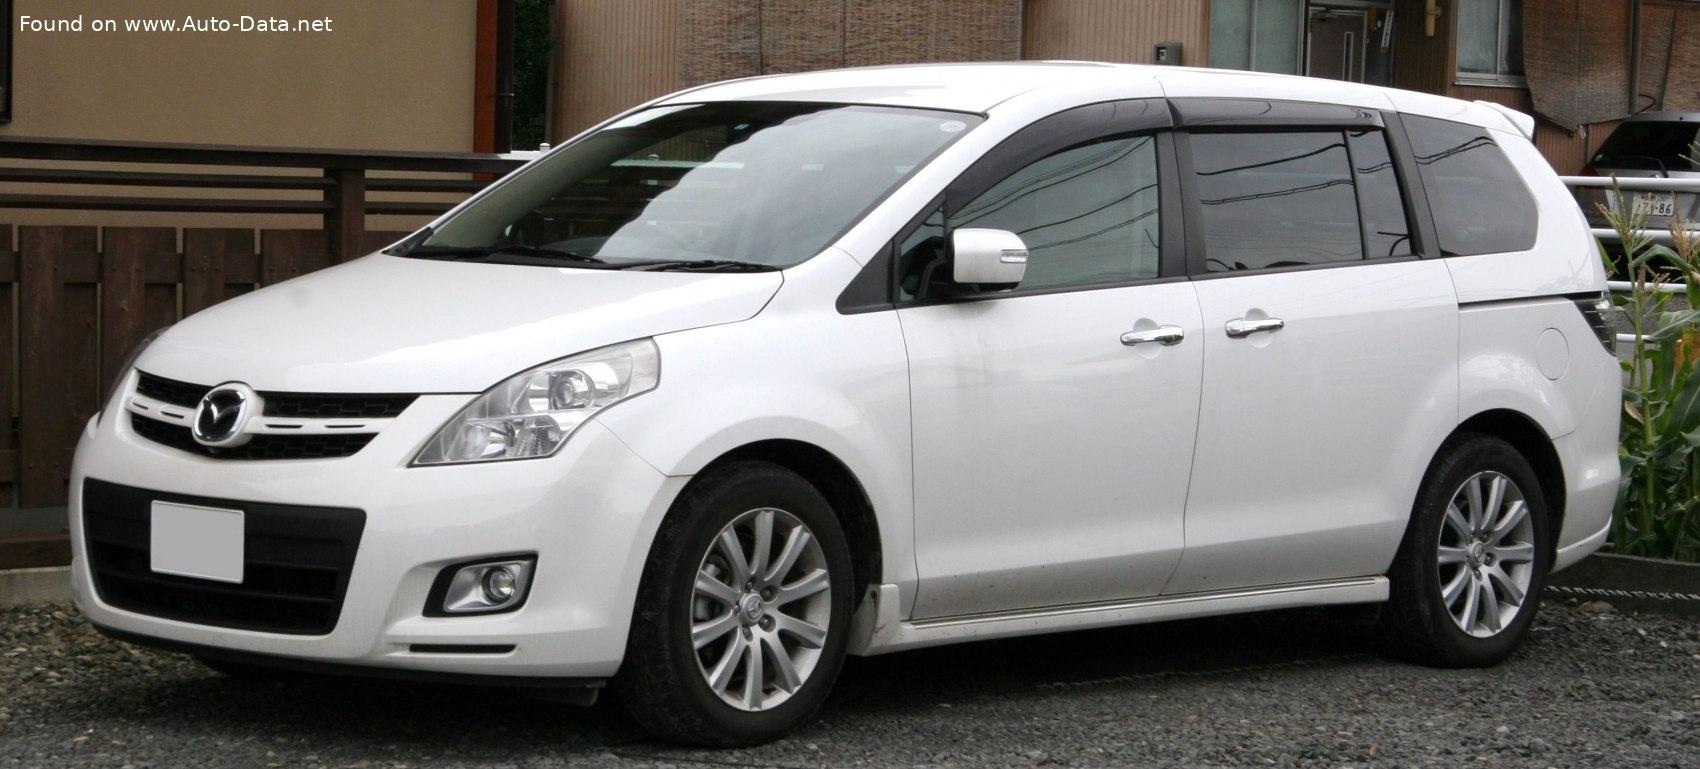 Kelebihan Kekurangan Mazda Mpv Tangguh